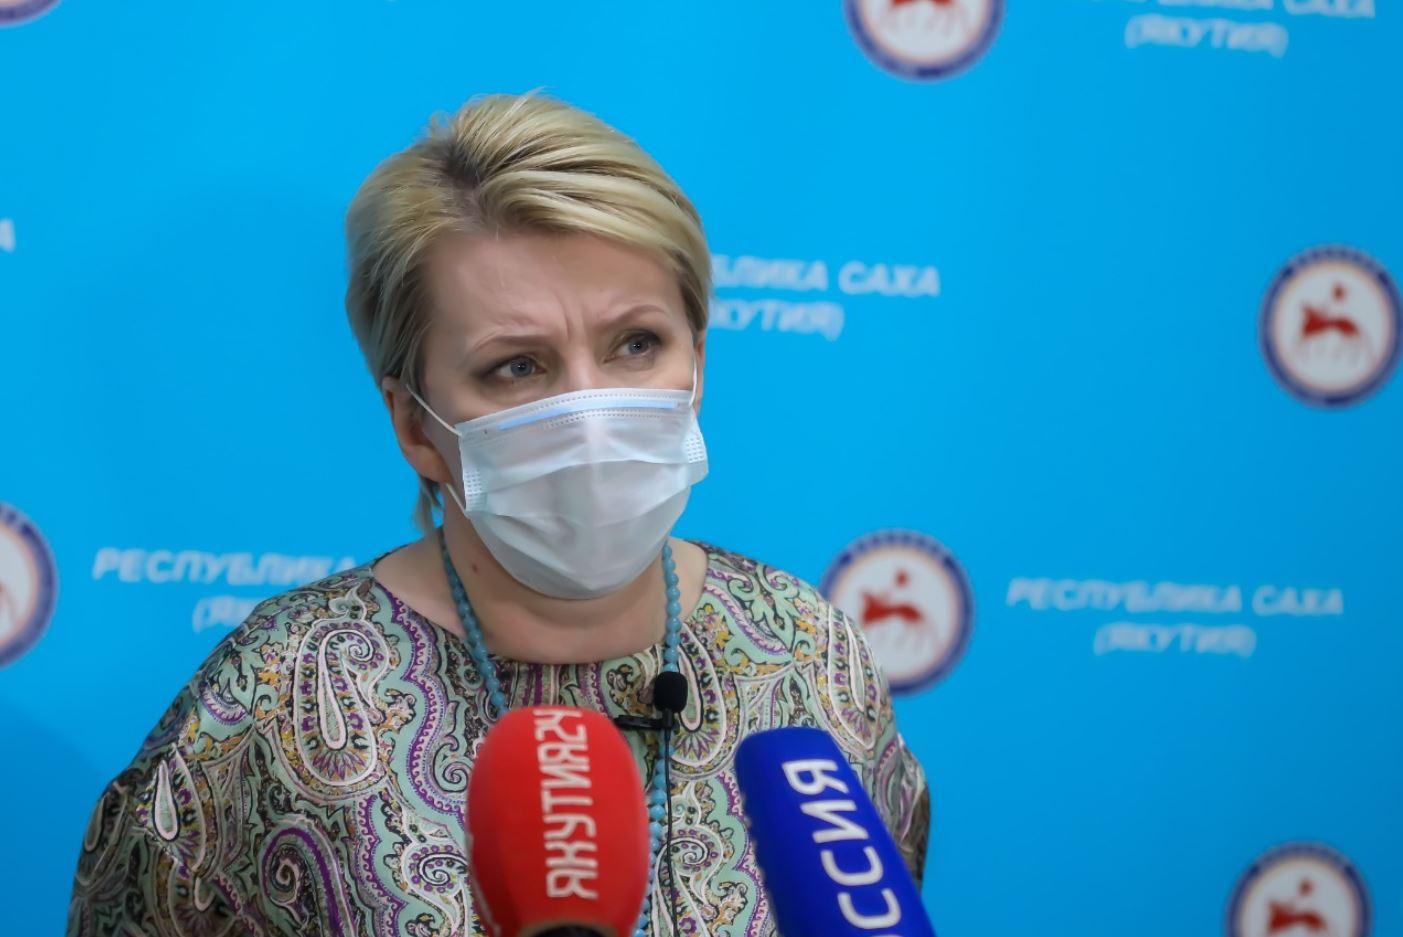 Брифинг Ольги Балабкиной об эпидобстановке на 19 июля: трансляция «Якутия 24»